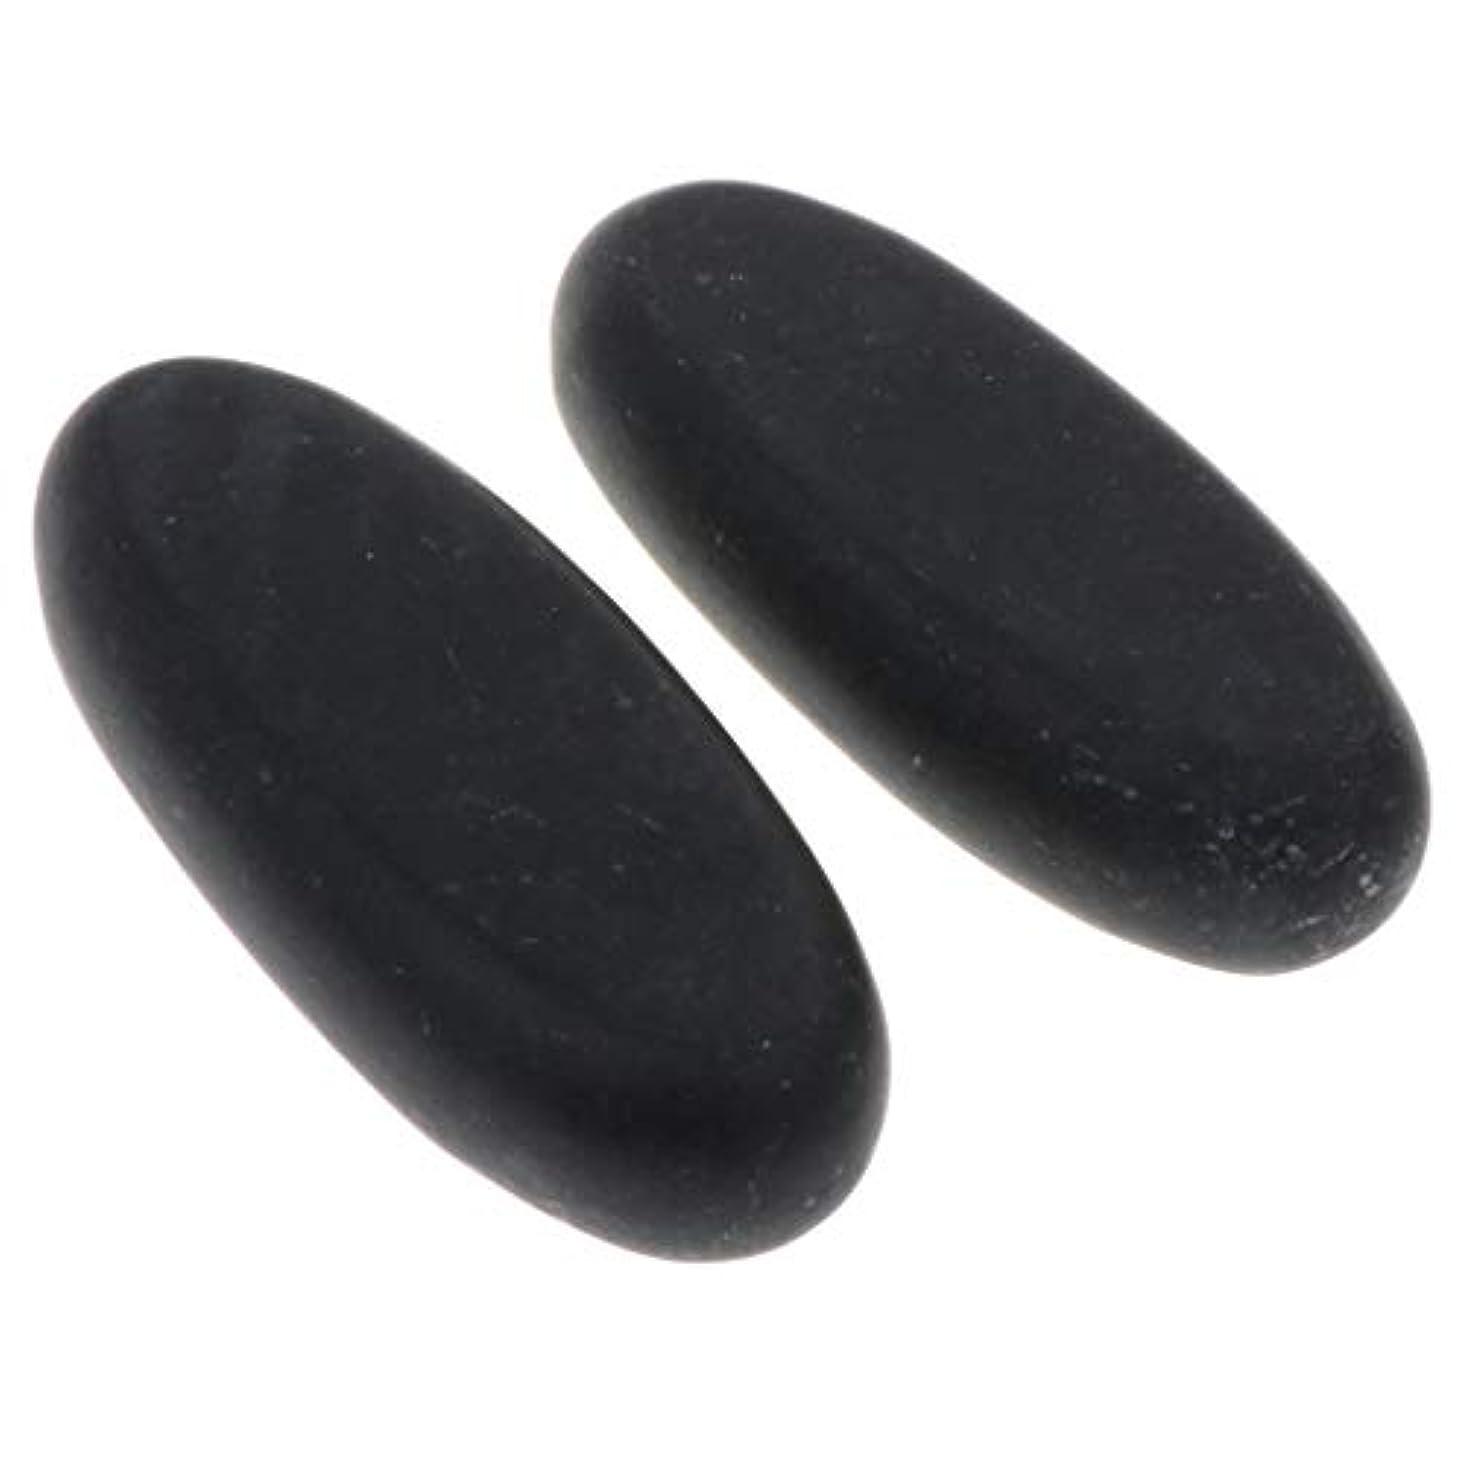 場合先行する投資する天然石ホットストーン マッサージ用玄武岩 マッサージストーン ボディマッサージ 実用 2個 全2サイズ - 8×3.2×1.5cm